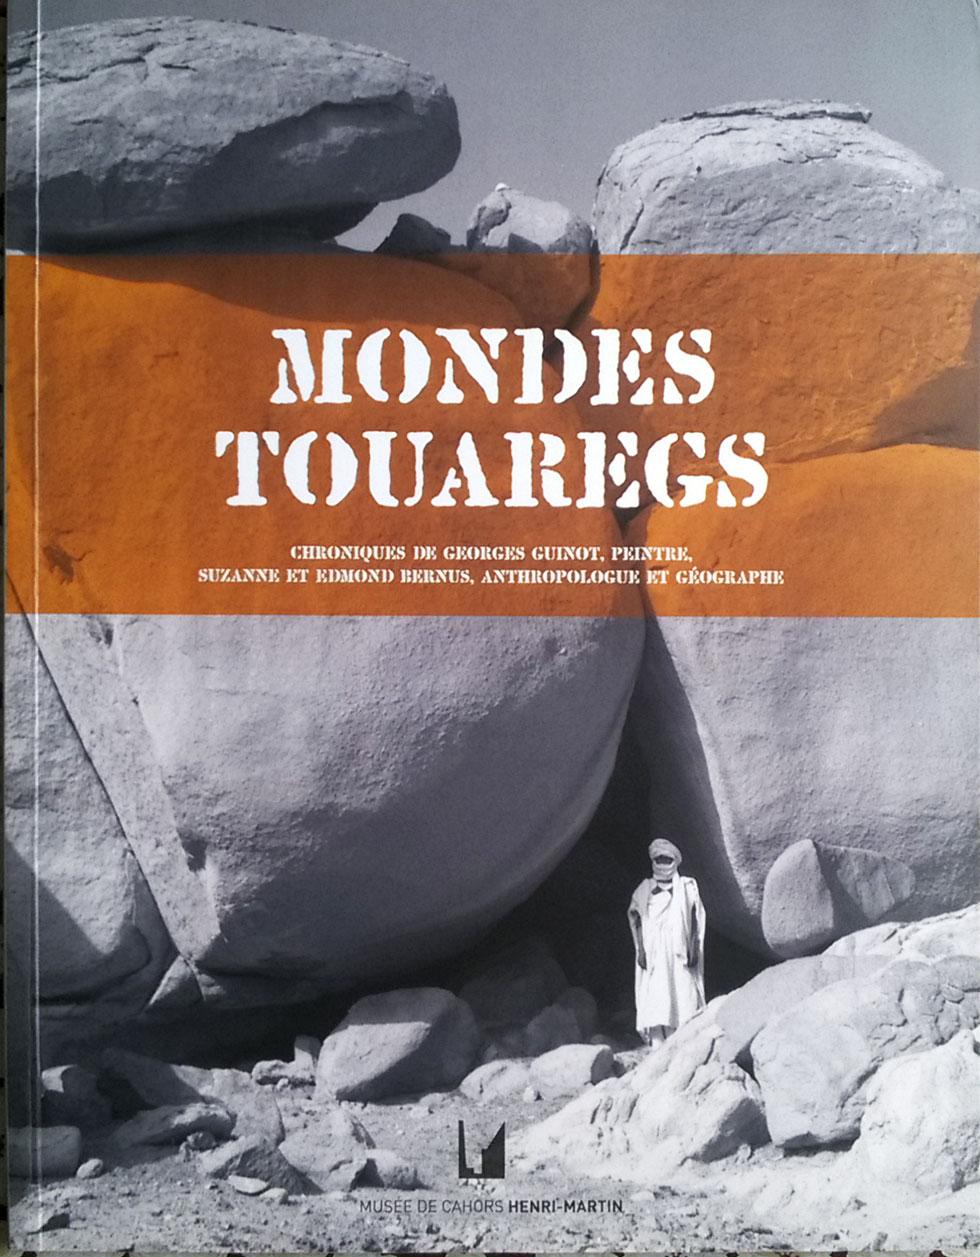 Mondes Touaregs, chroniques de georges Guinot, peintre, Suzanne et Edmond Bernus, anthropologue et géographe Musée de Cahors Henri-Martin